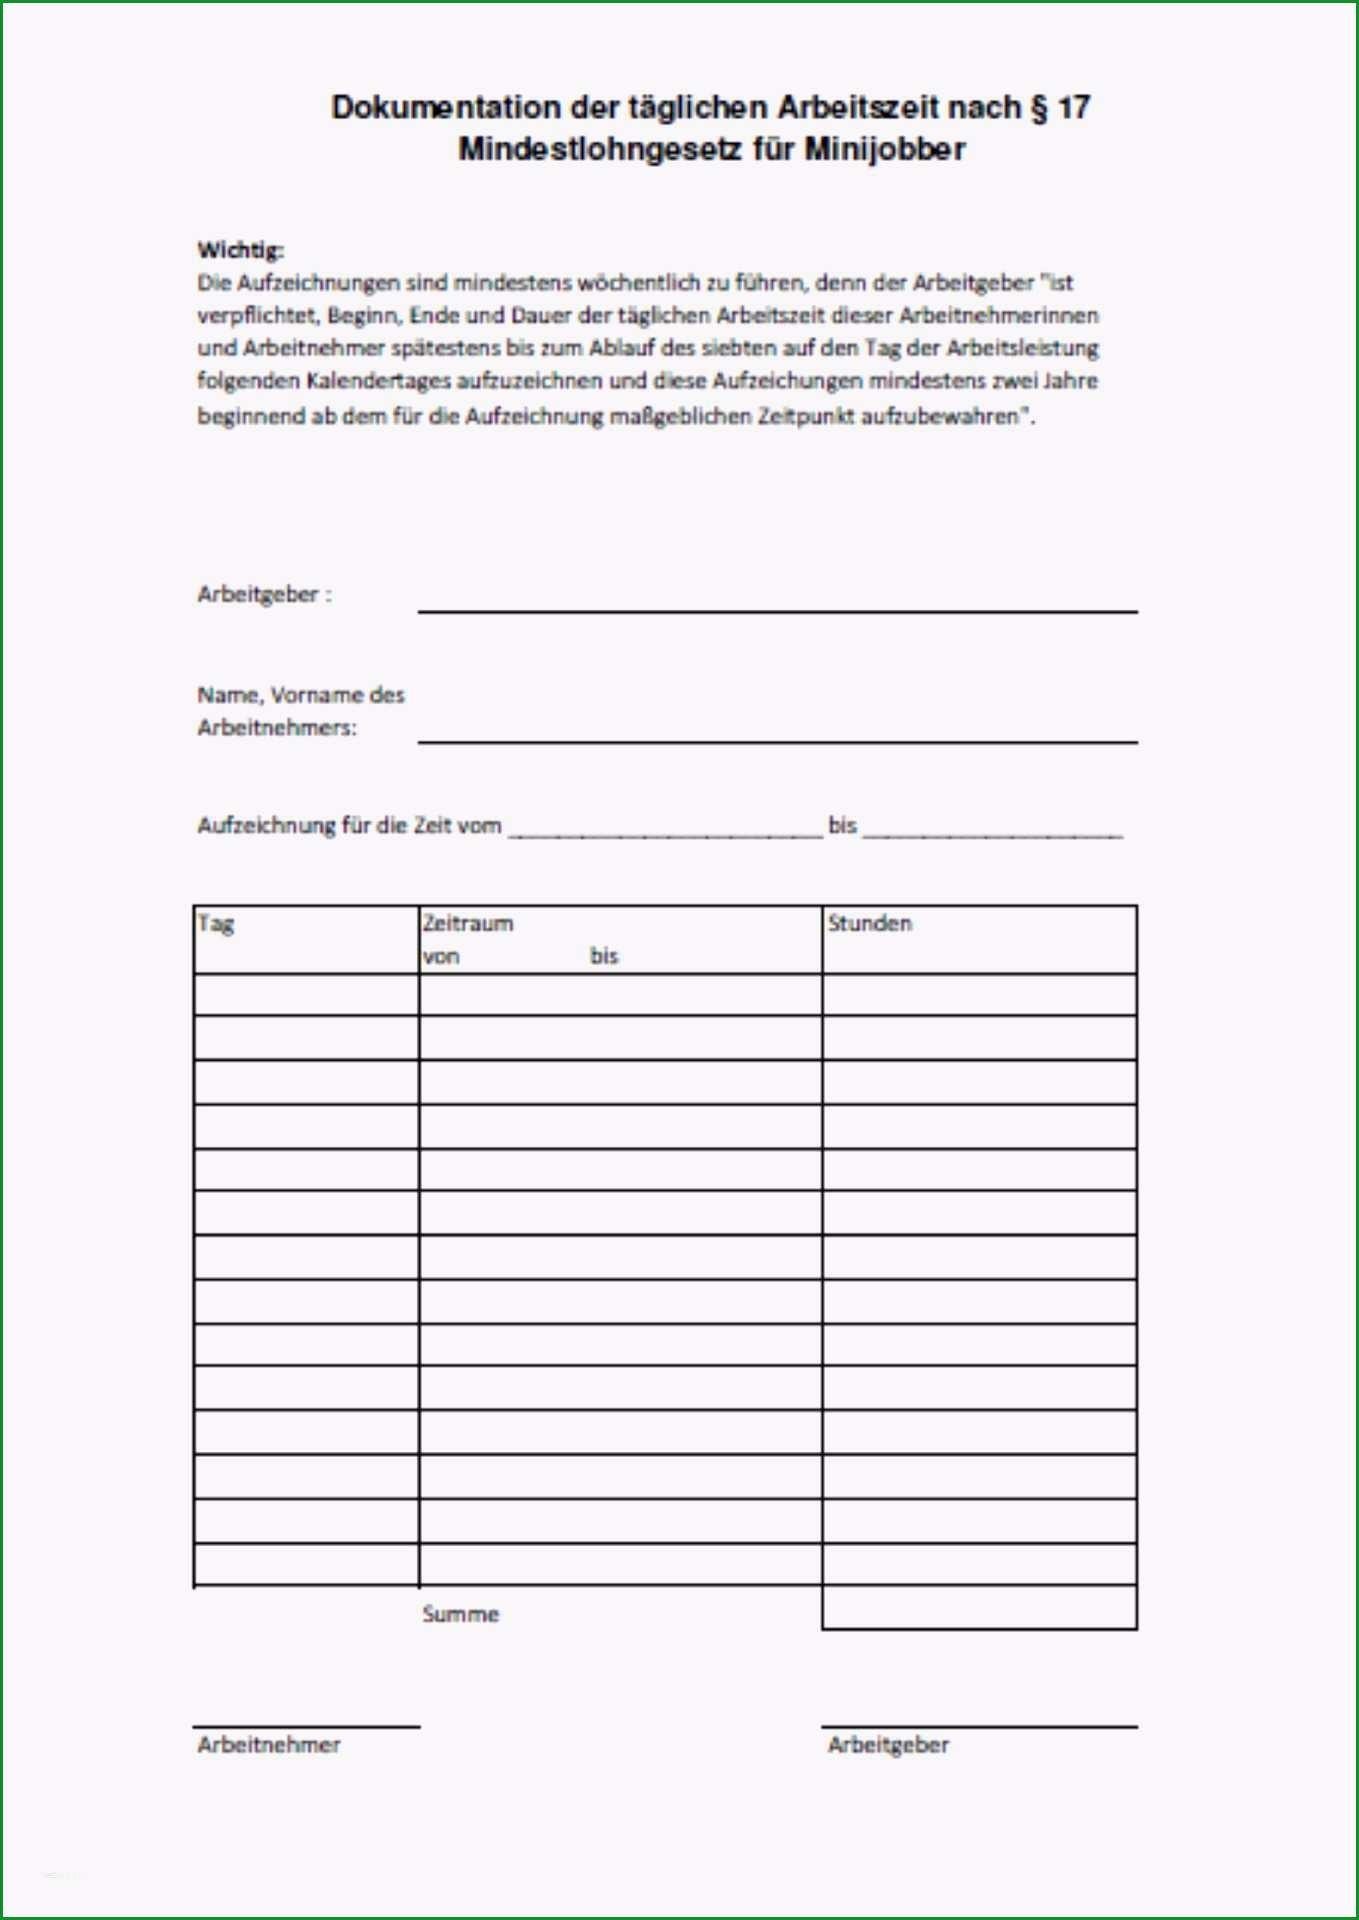 vorlage zur dokumentation der taglichen arbeitszeit kostenlos wunderbar carola schwarz betriebswirtin hwk